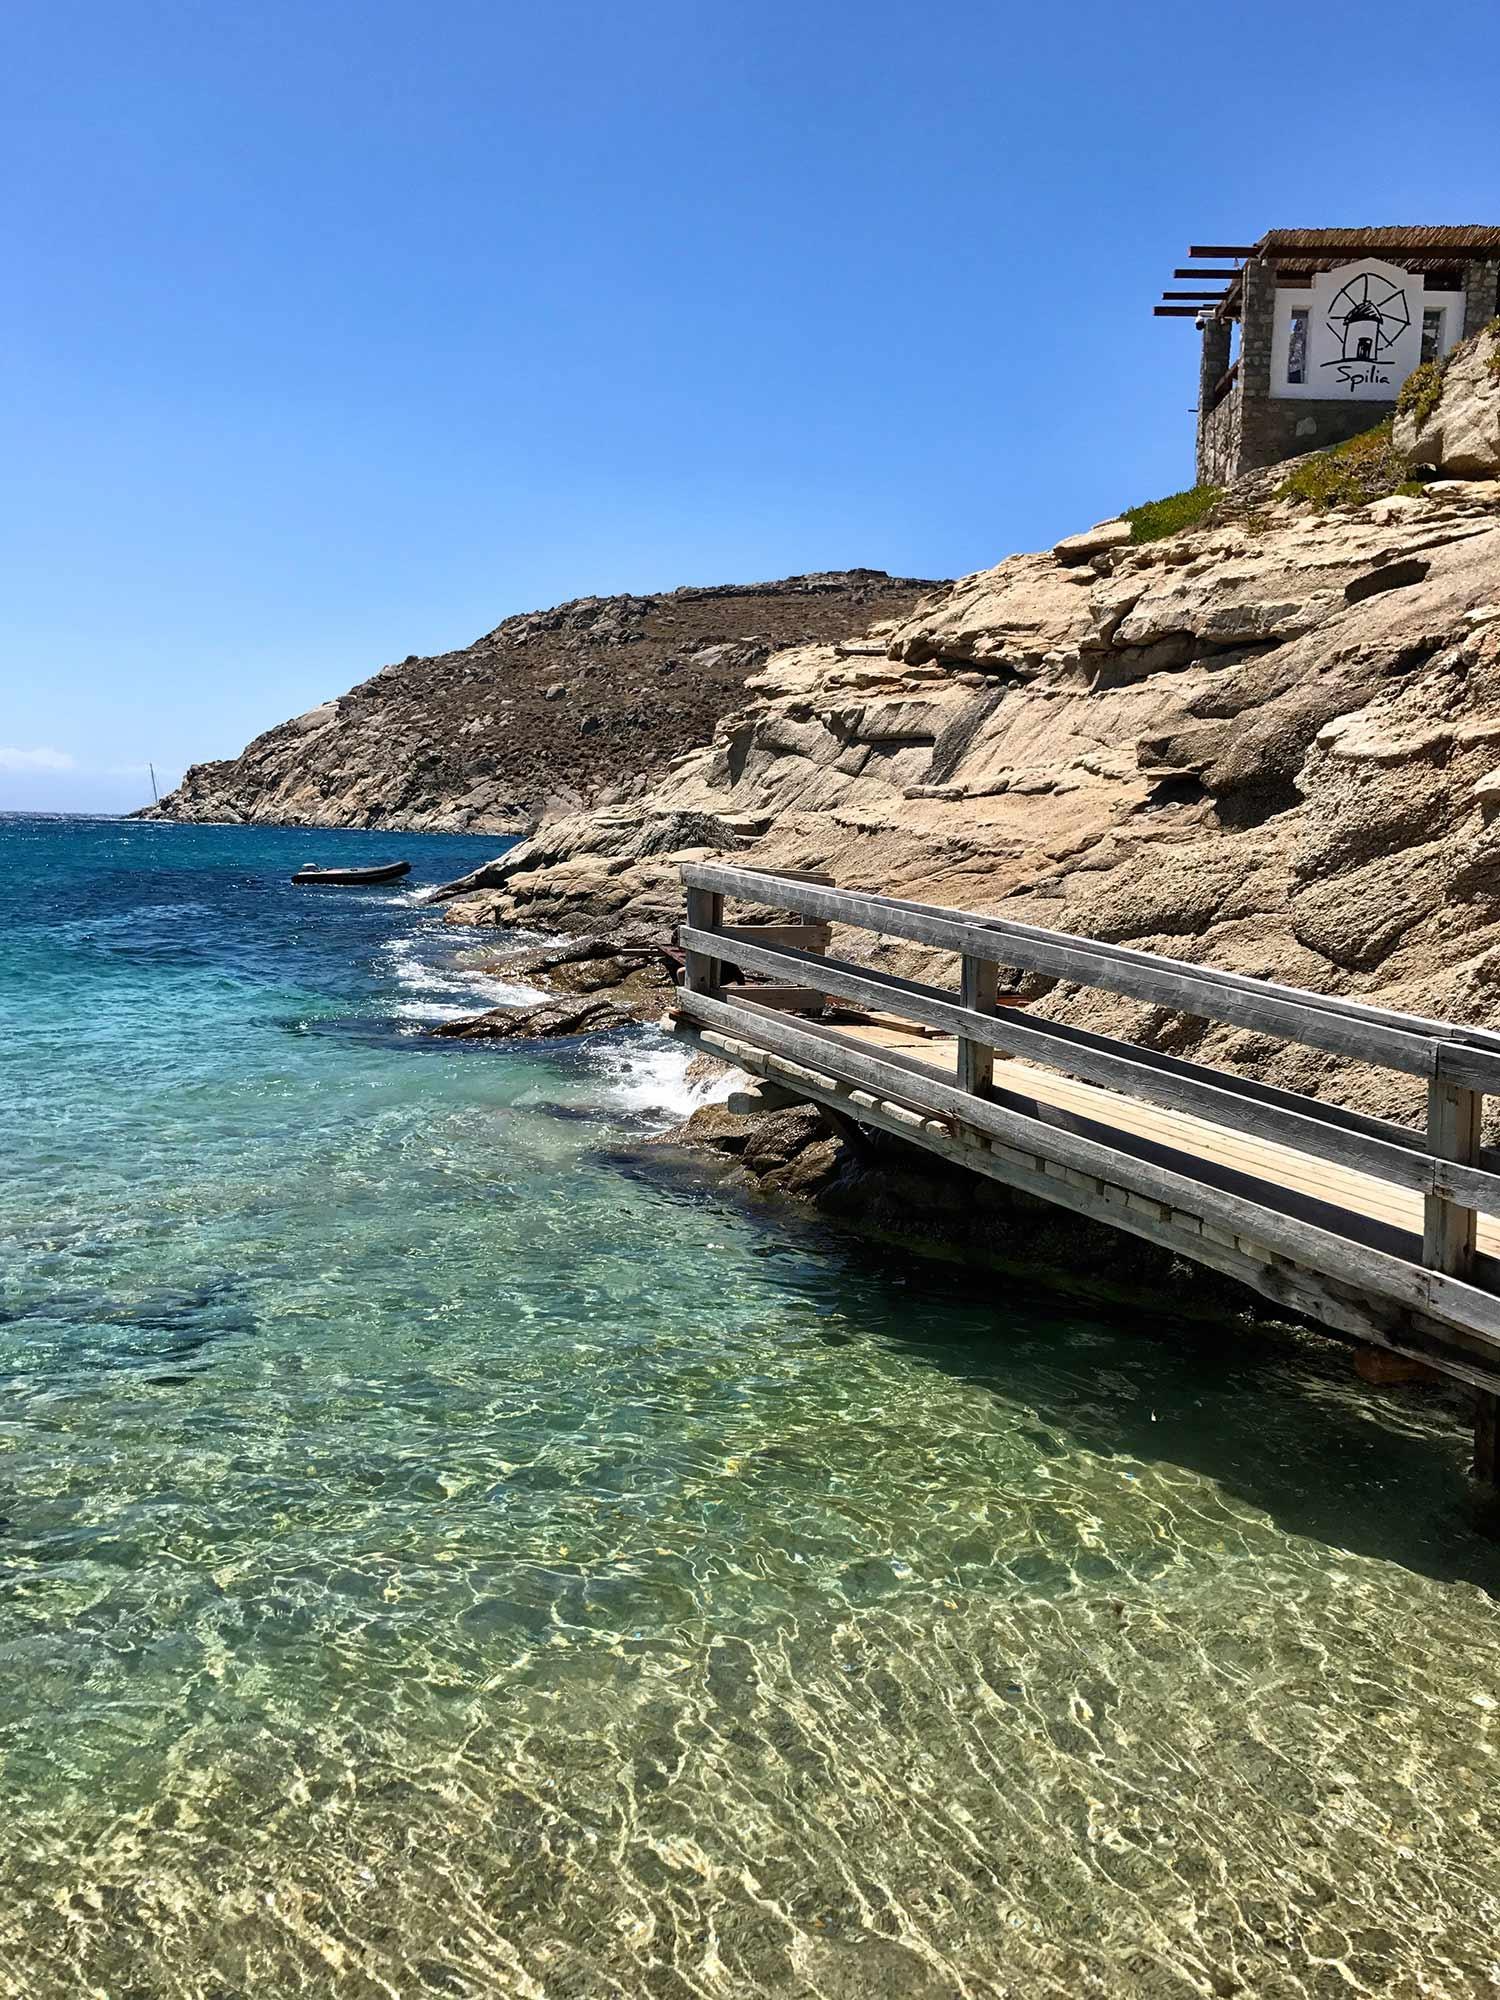 The seaside boardwalk and ombre ocean